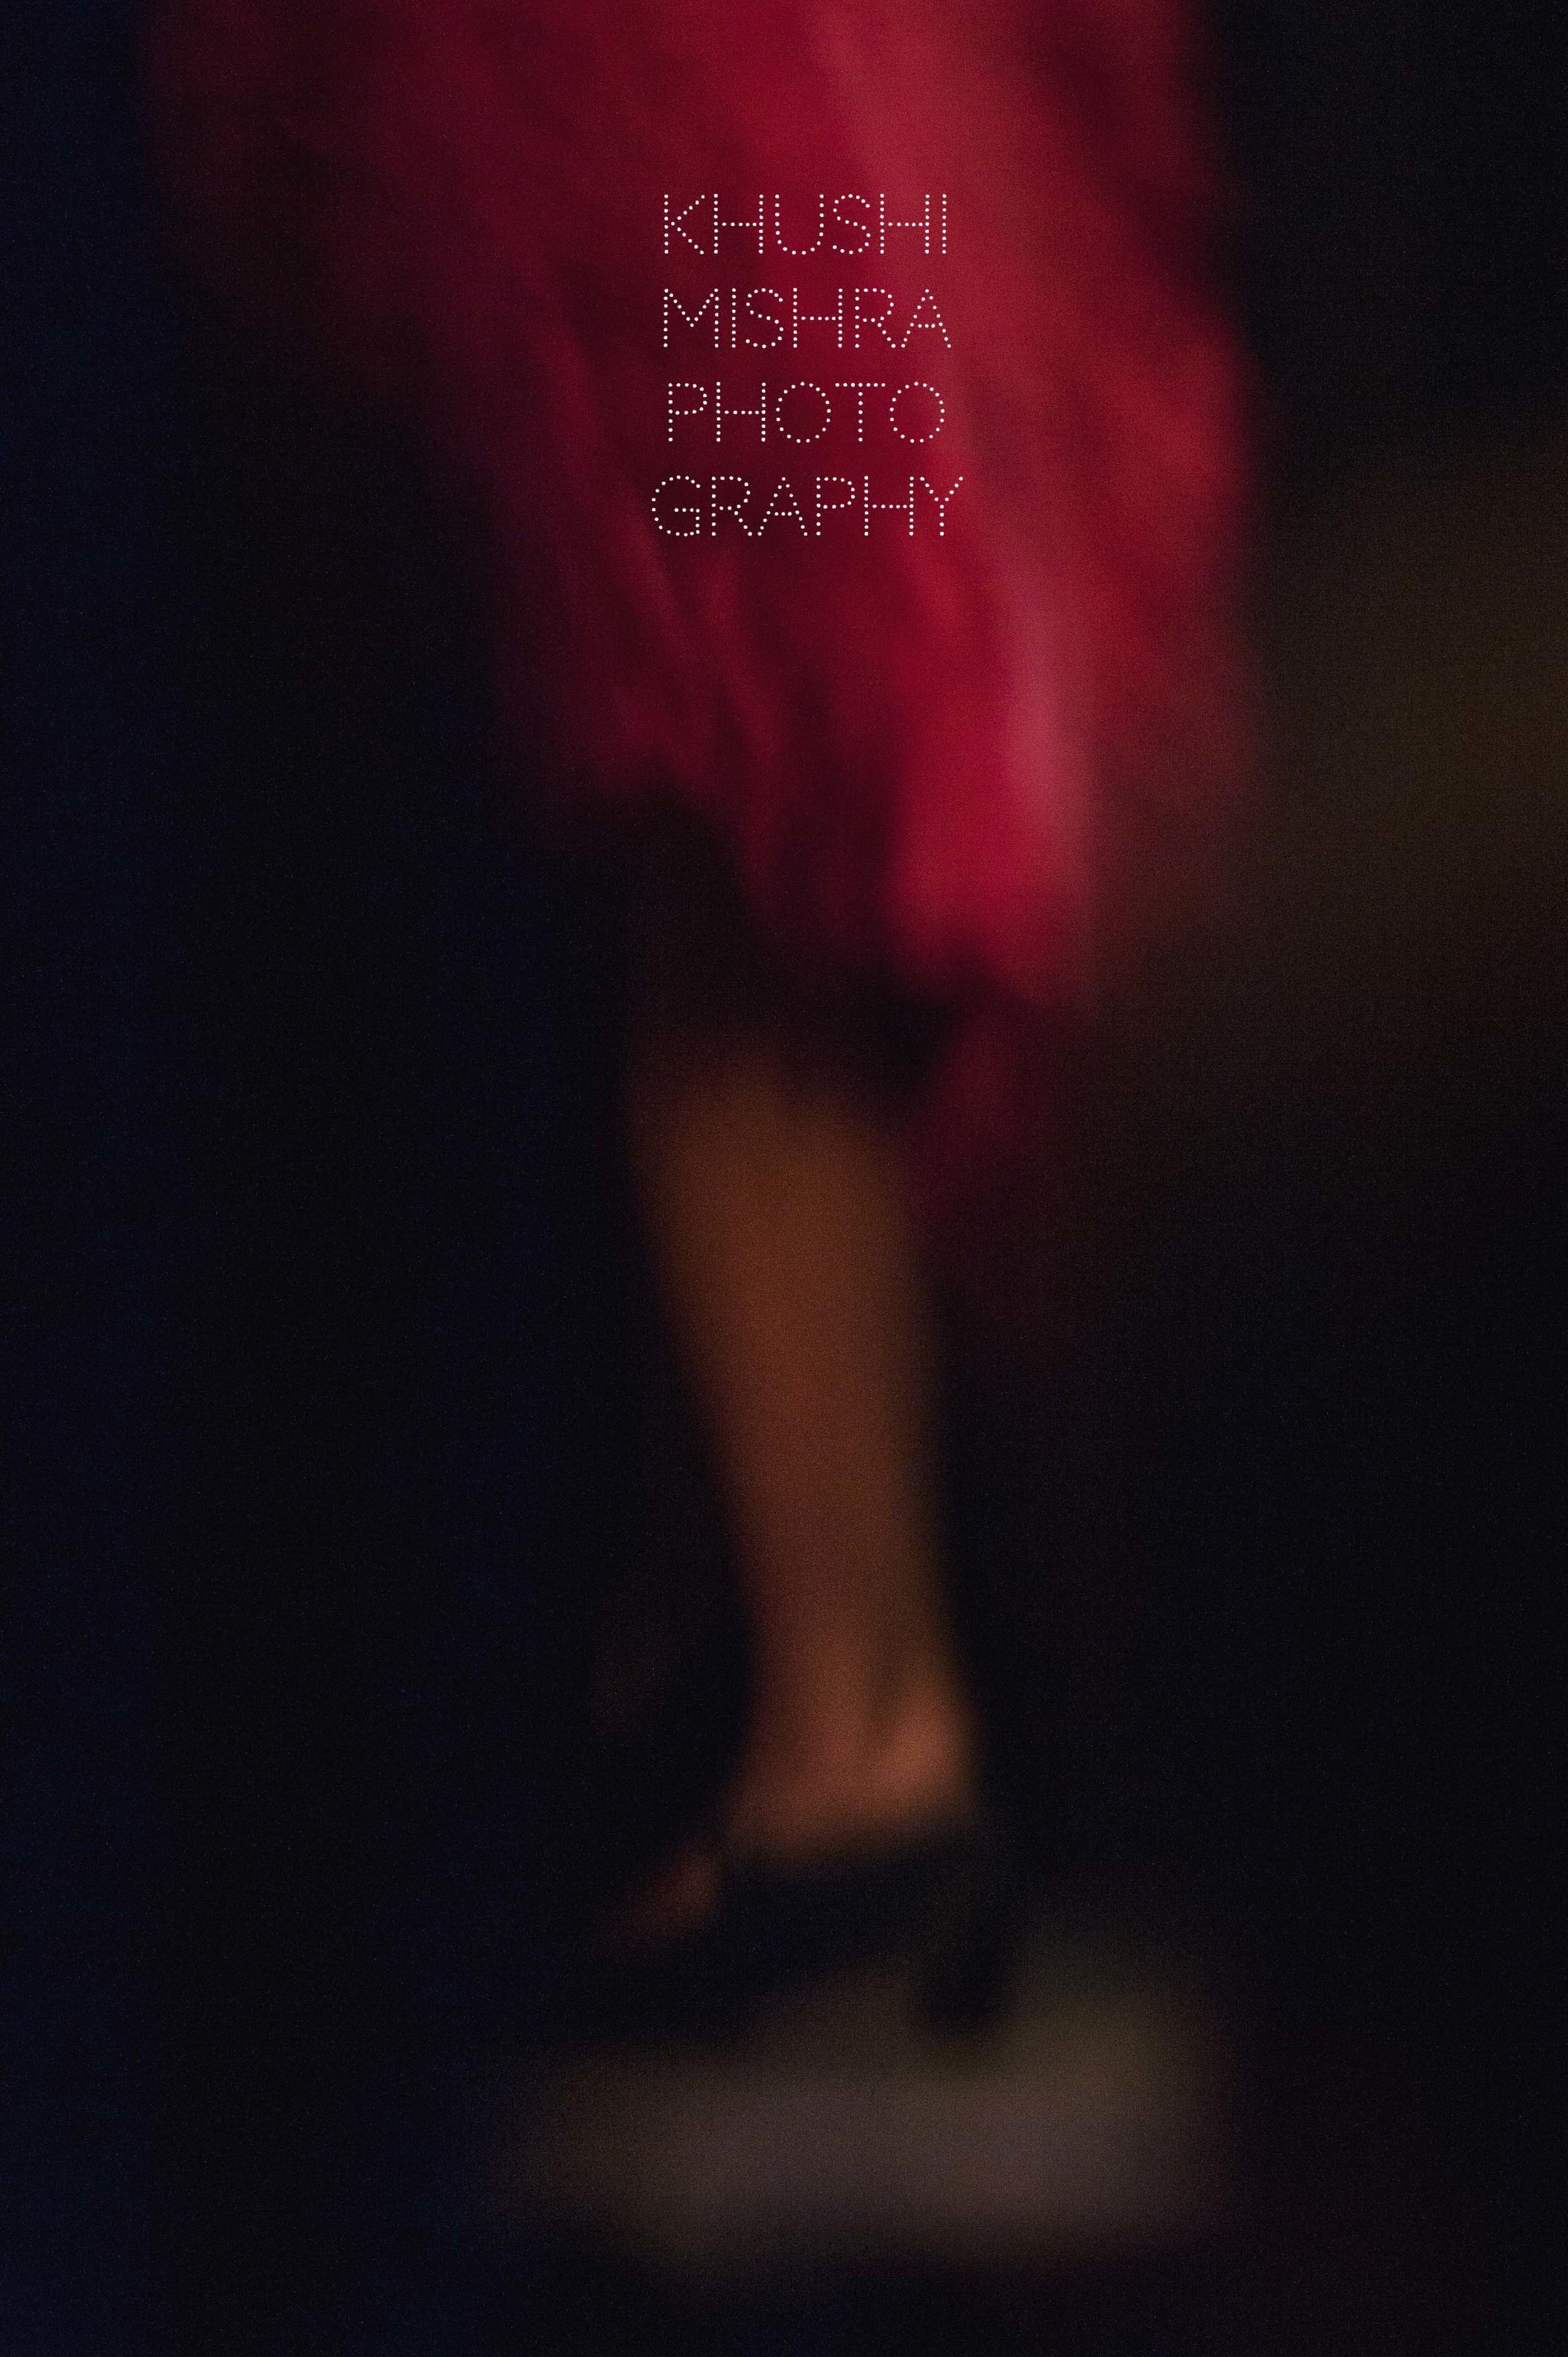 Flamenco_dsc_7925 copy.jpg